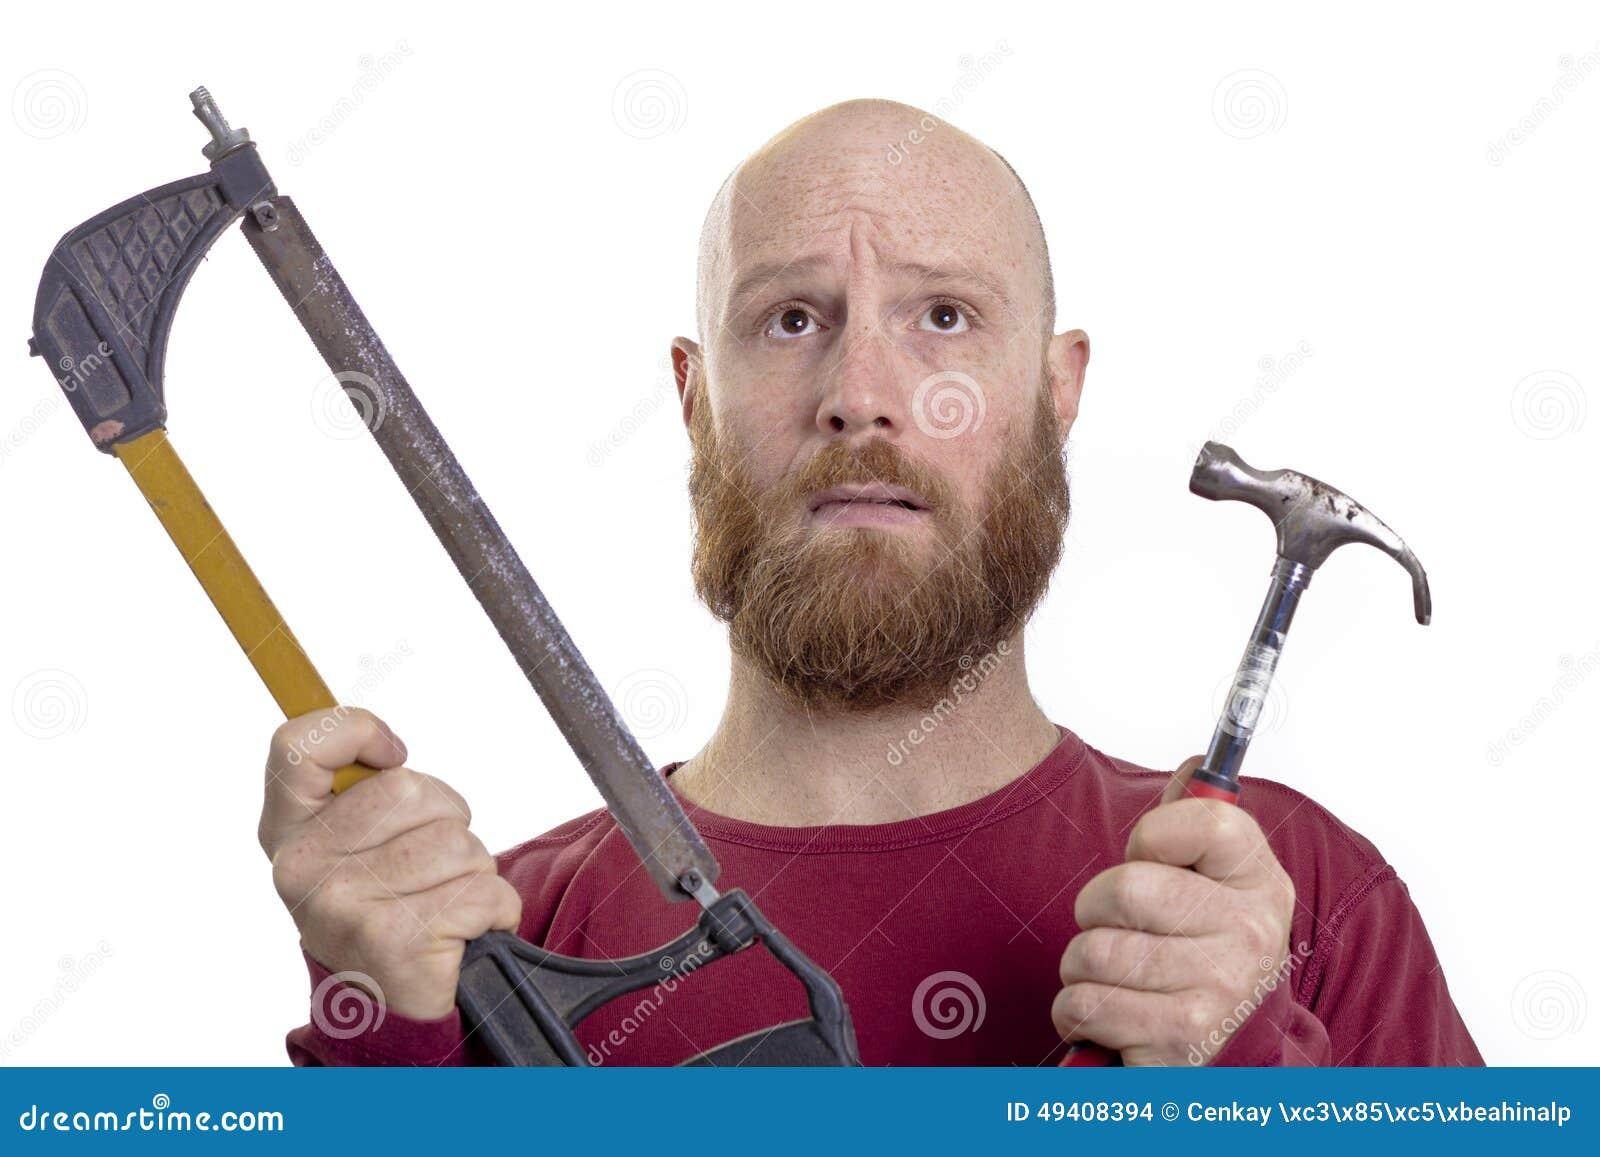 Download Mann mit Hammer und Säge stockfoto. Bild von mann, unfall - 49408394